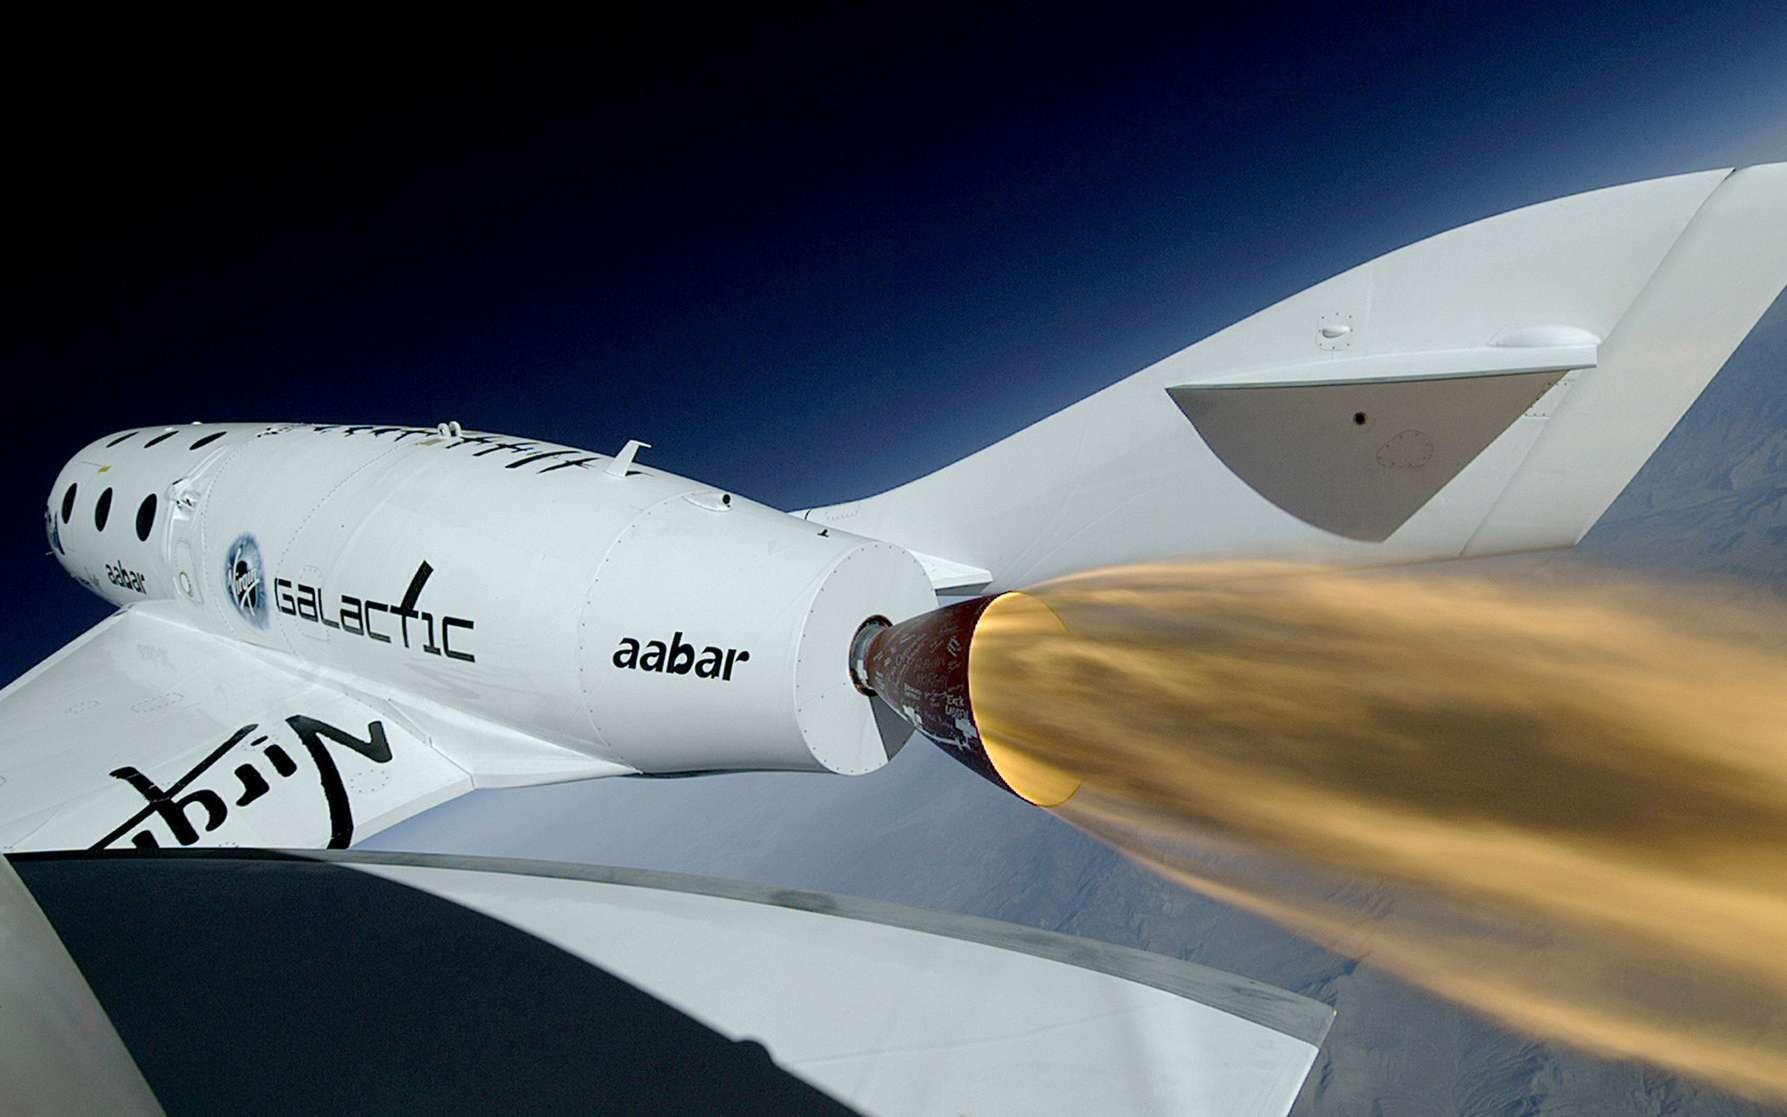 Le SS2 Unity de Virgin Galactic a amené le milliardaire britannique Richard Branson au-dessus de la frontière de l'espace reconnue par les États-Unis. Il est aujourd'hui cloué au sol le temps d'une enquête sur le respect des règles de sécurité durant ce vol. © Virgin Galactic